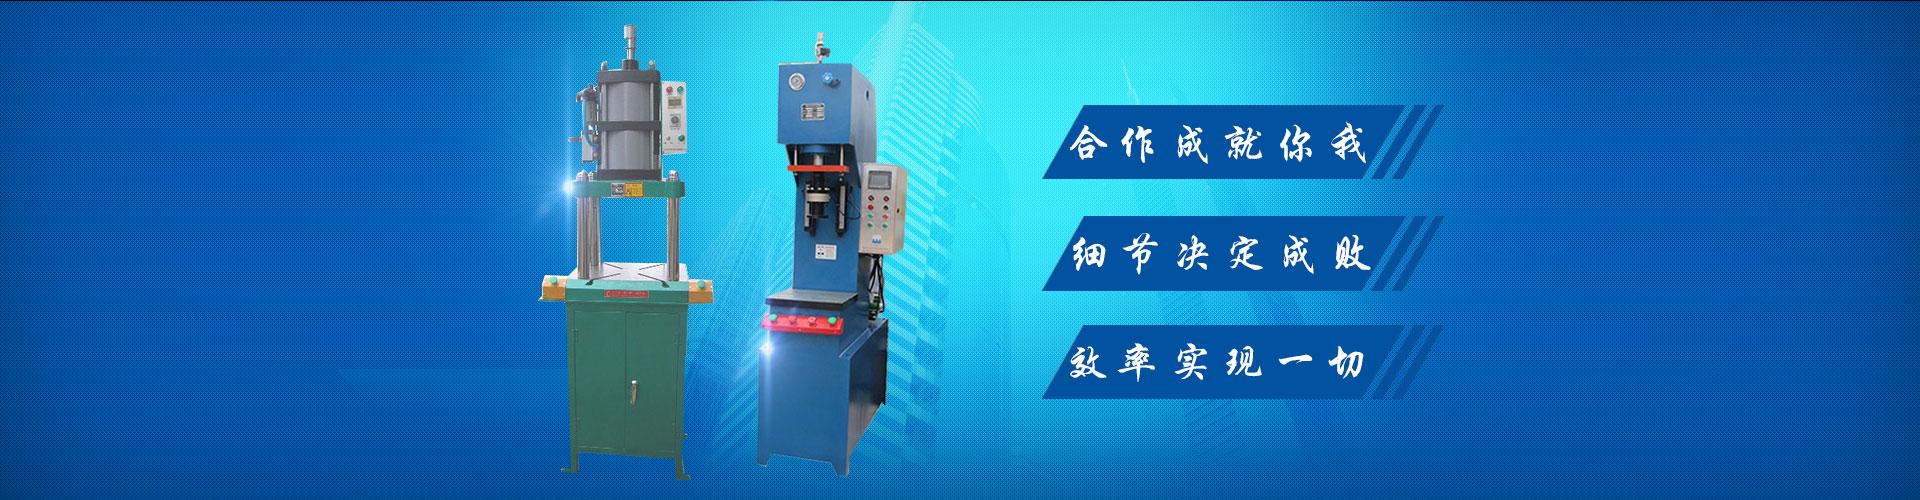 油压压力检测机